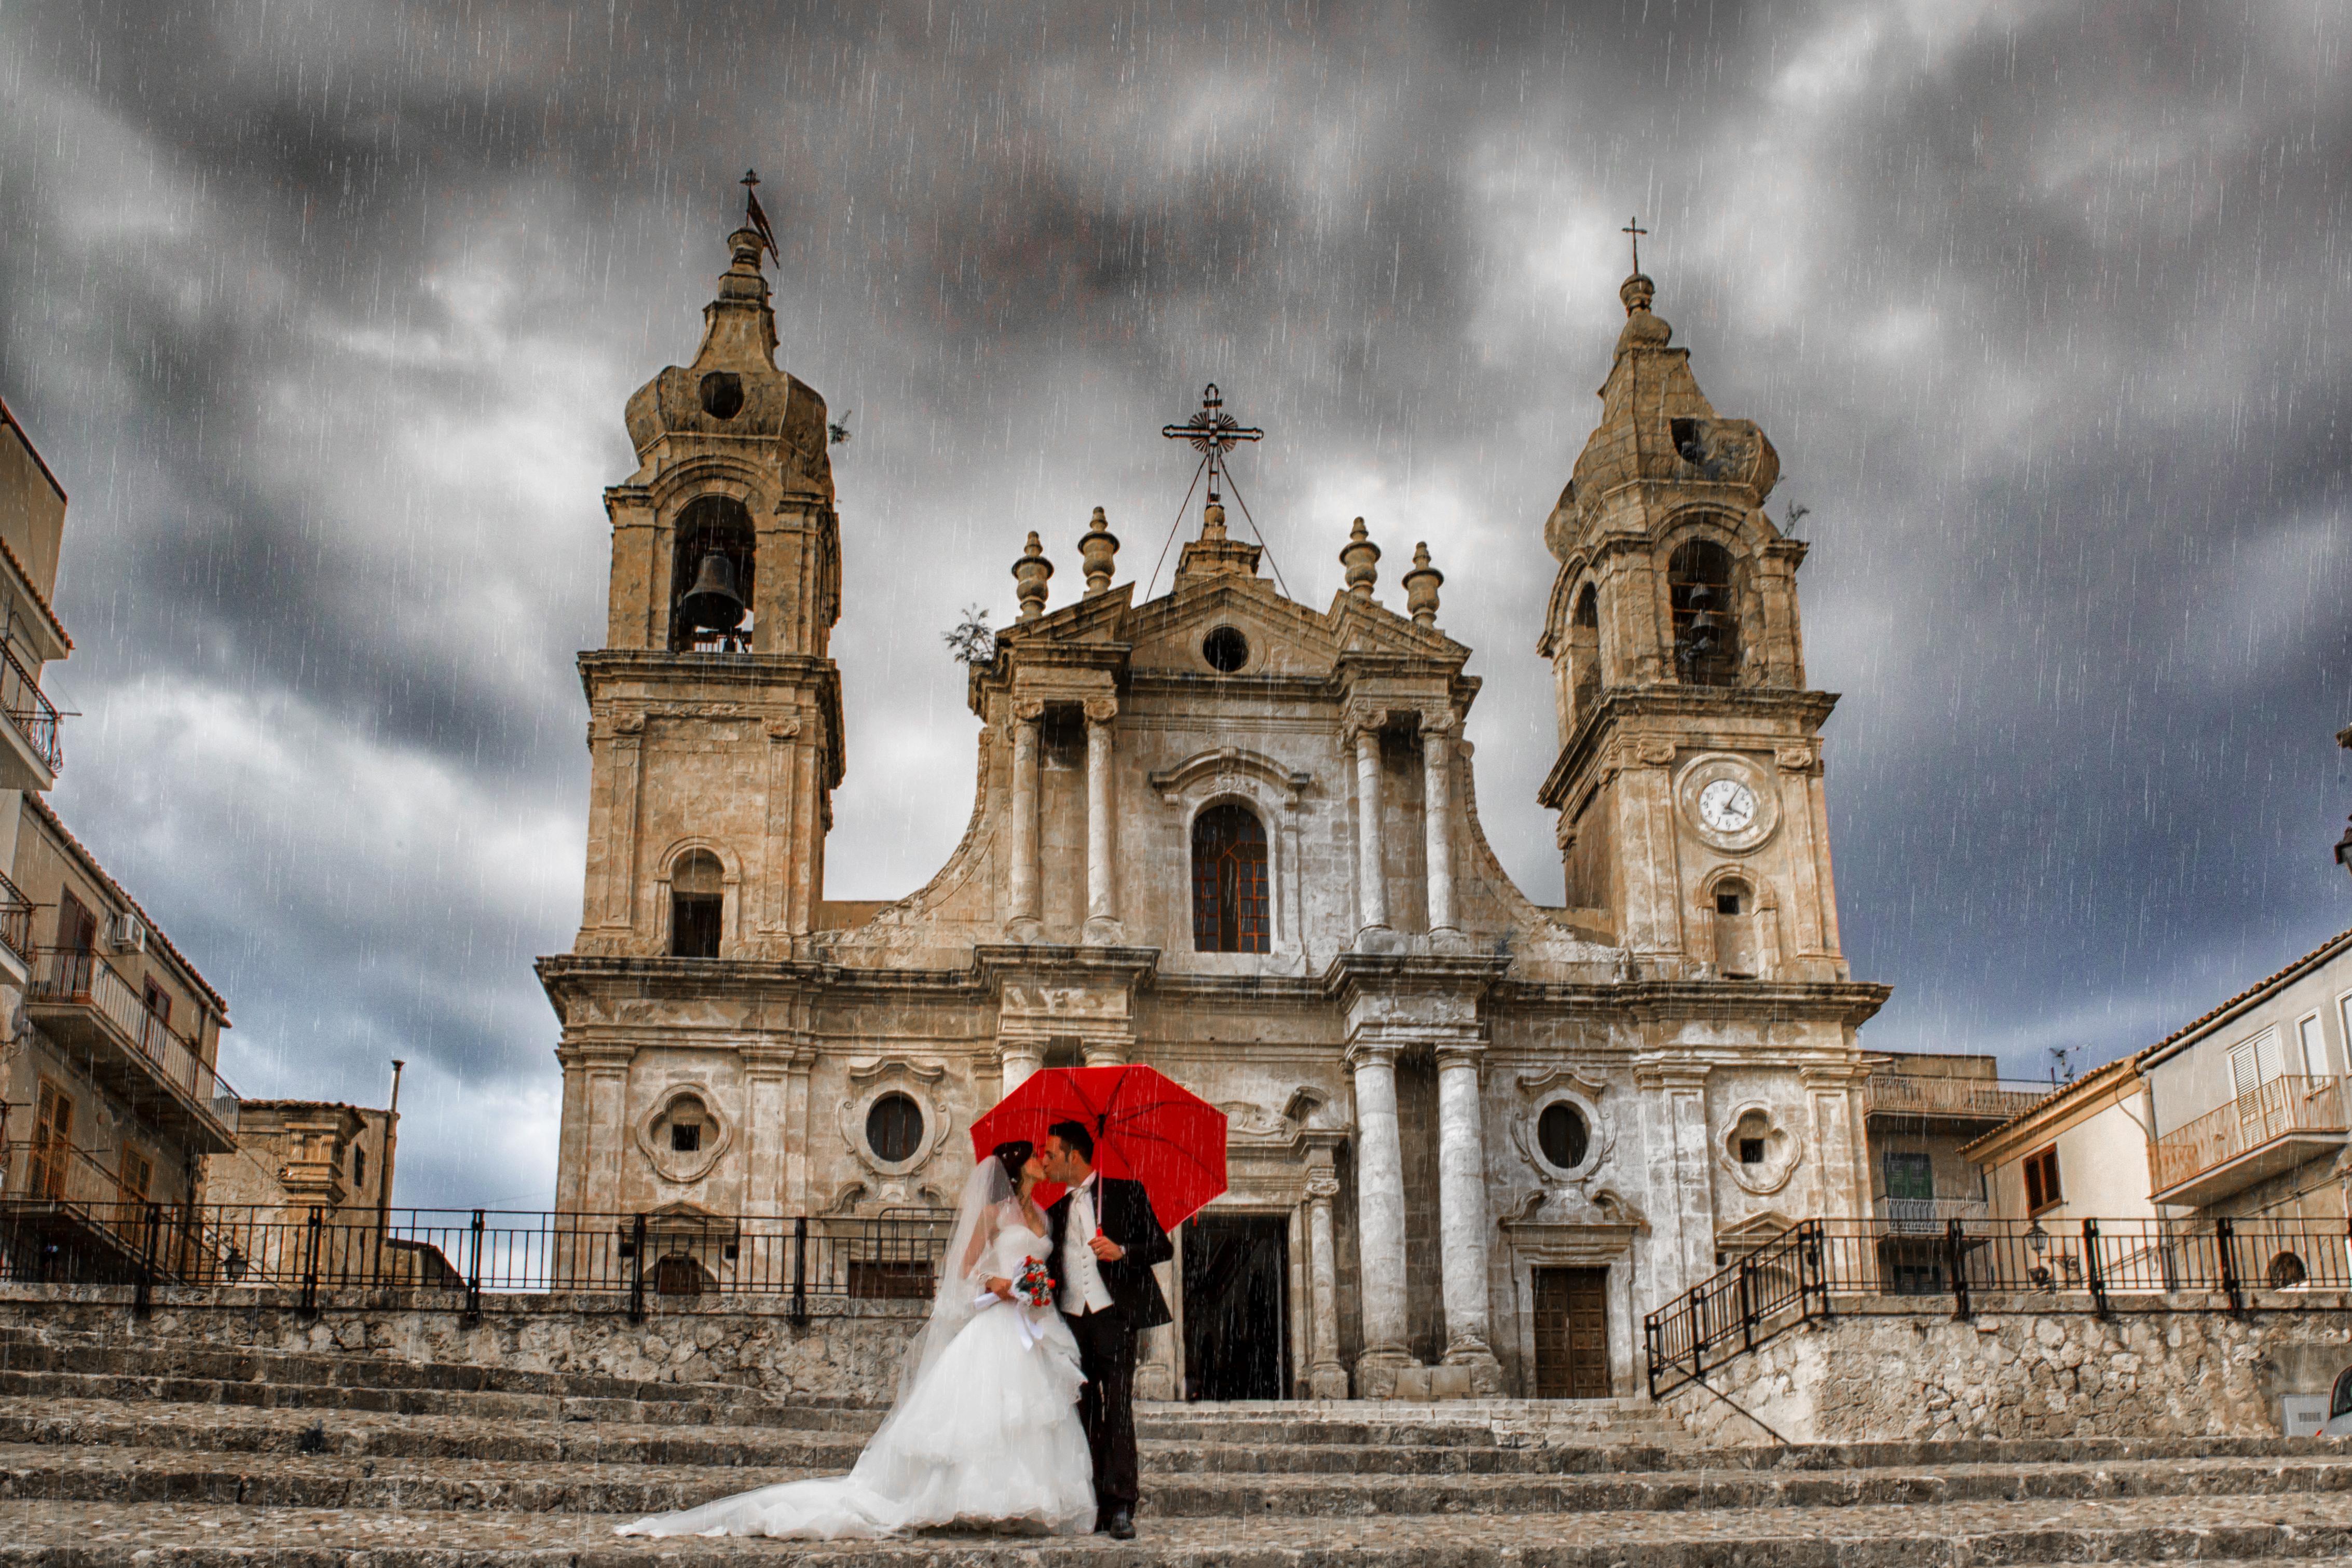 bride-wedding-day-sicily